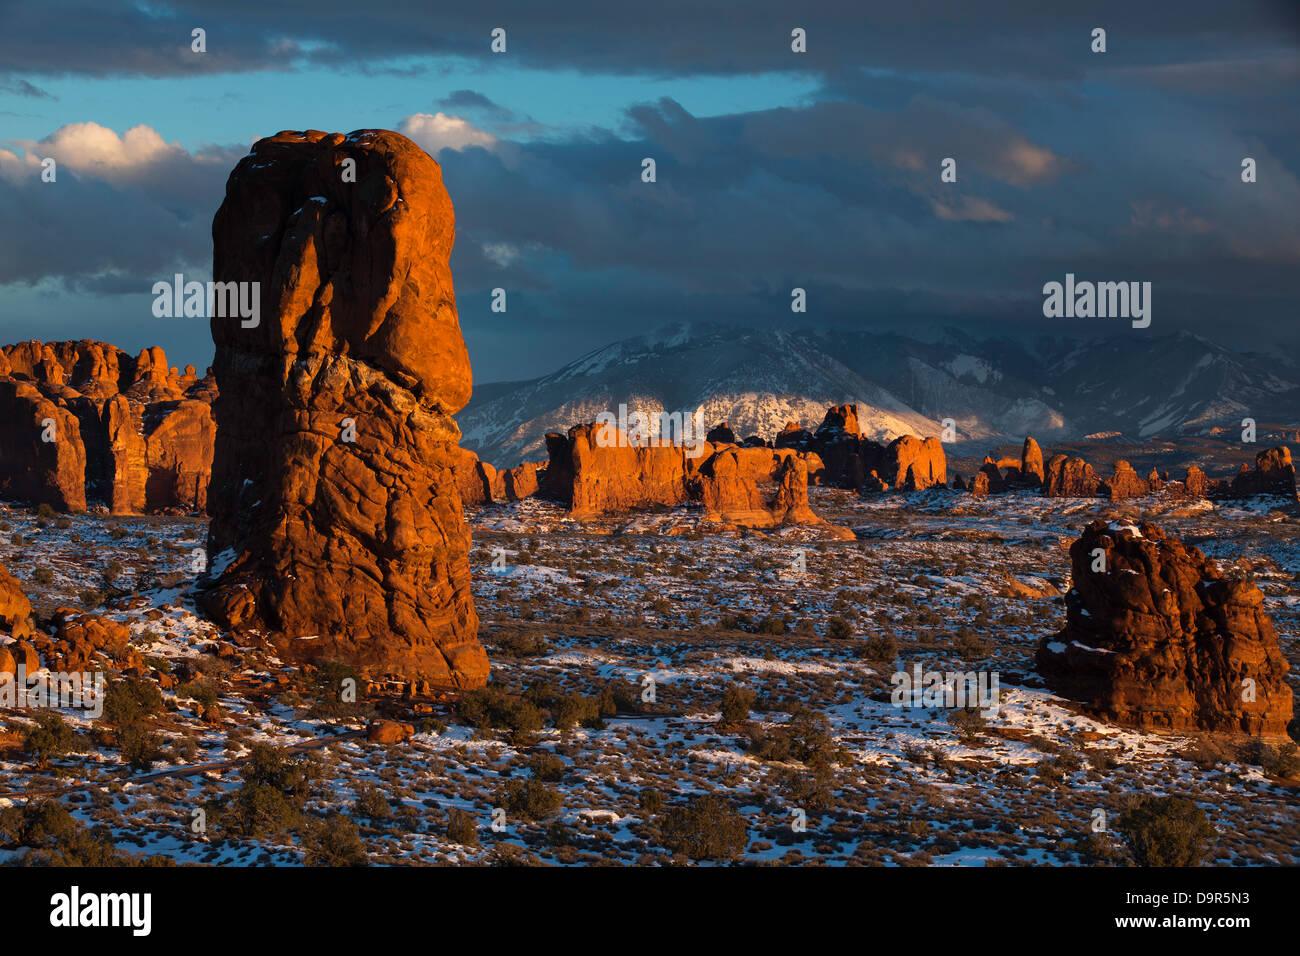 Ausgewogene Rock und der Windows Abschnitt die La Sal Mountains hinaus Arches-Nationalpark, Utah, USA Stockbild